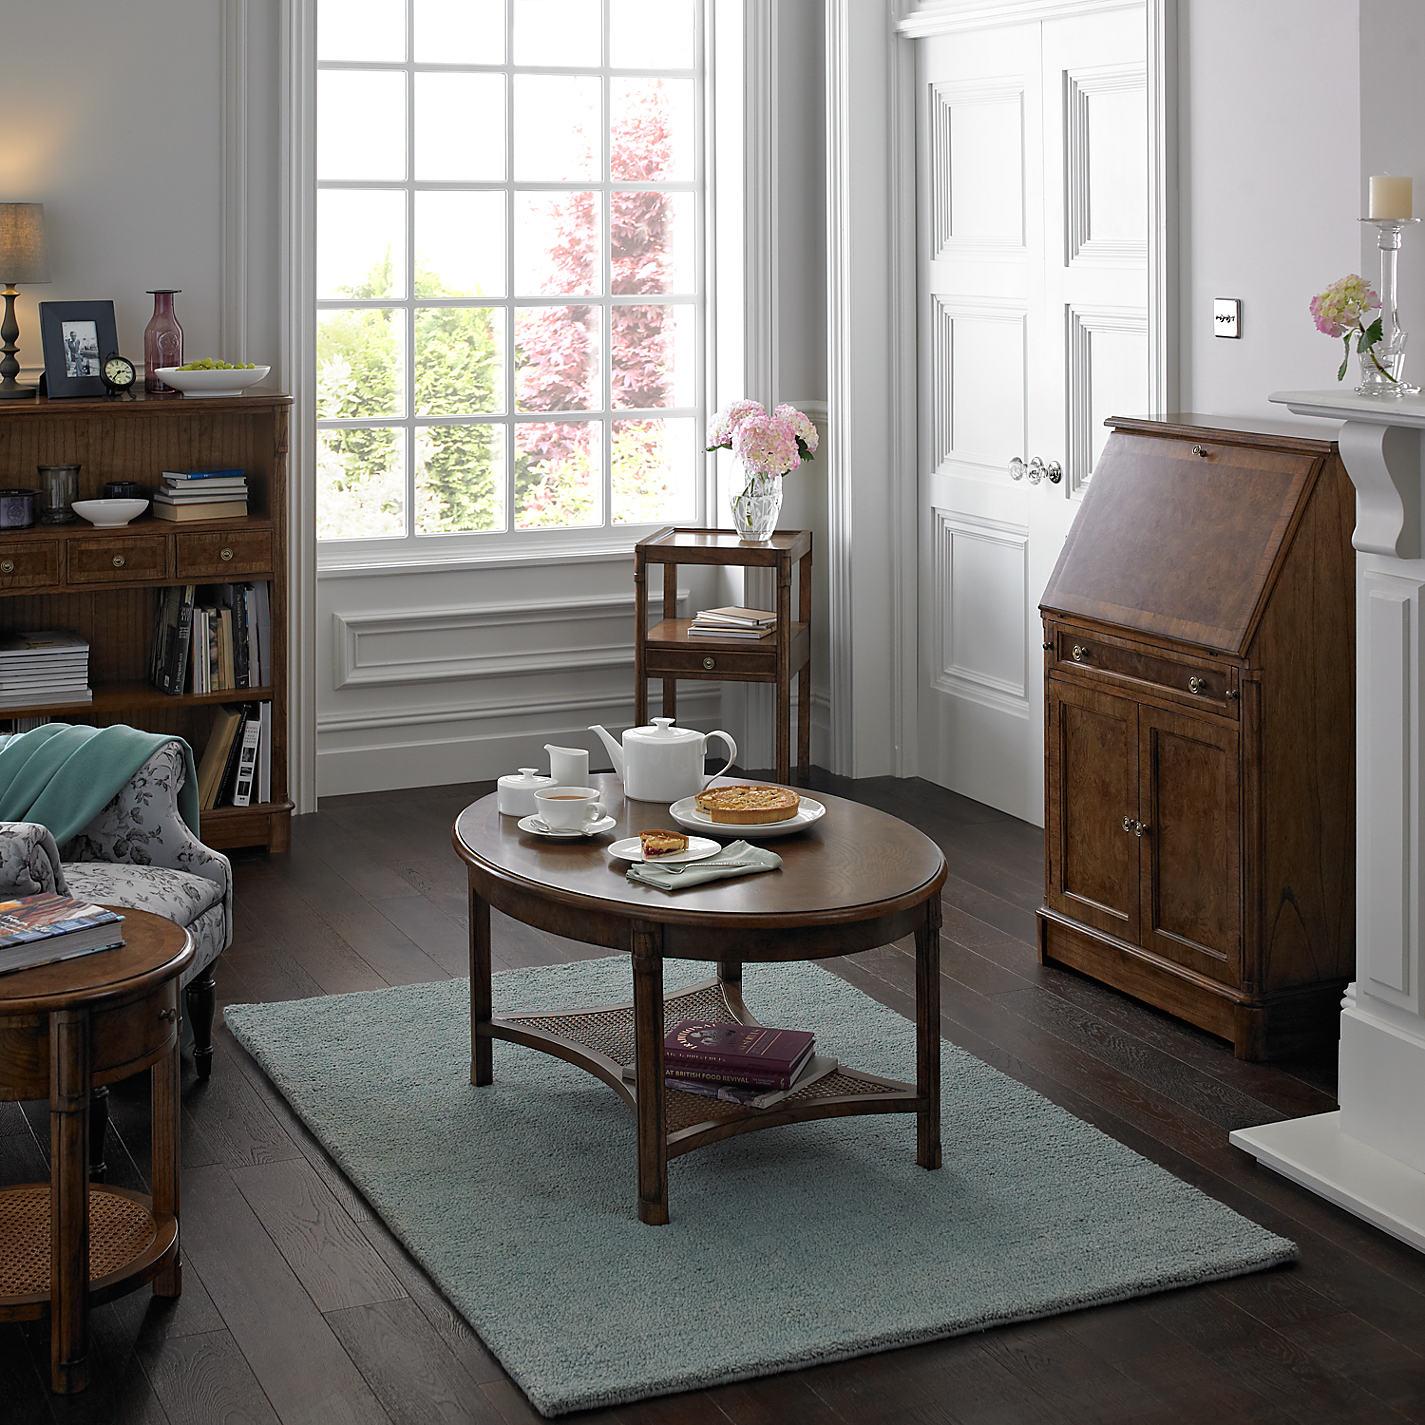 Buy John Lewis Hemingway Living and Dining Room Furniture | John Lewis